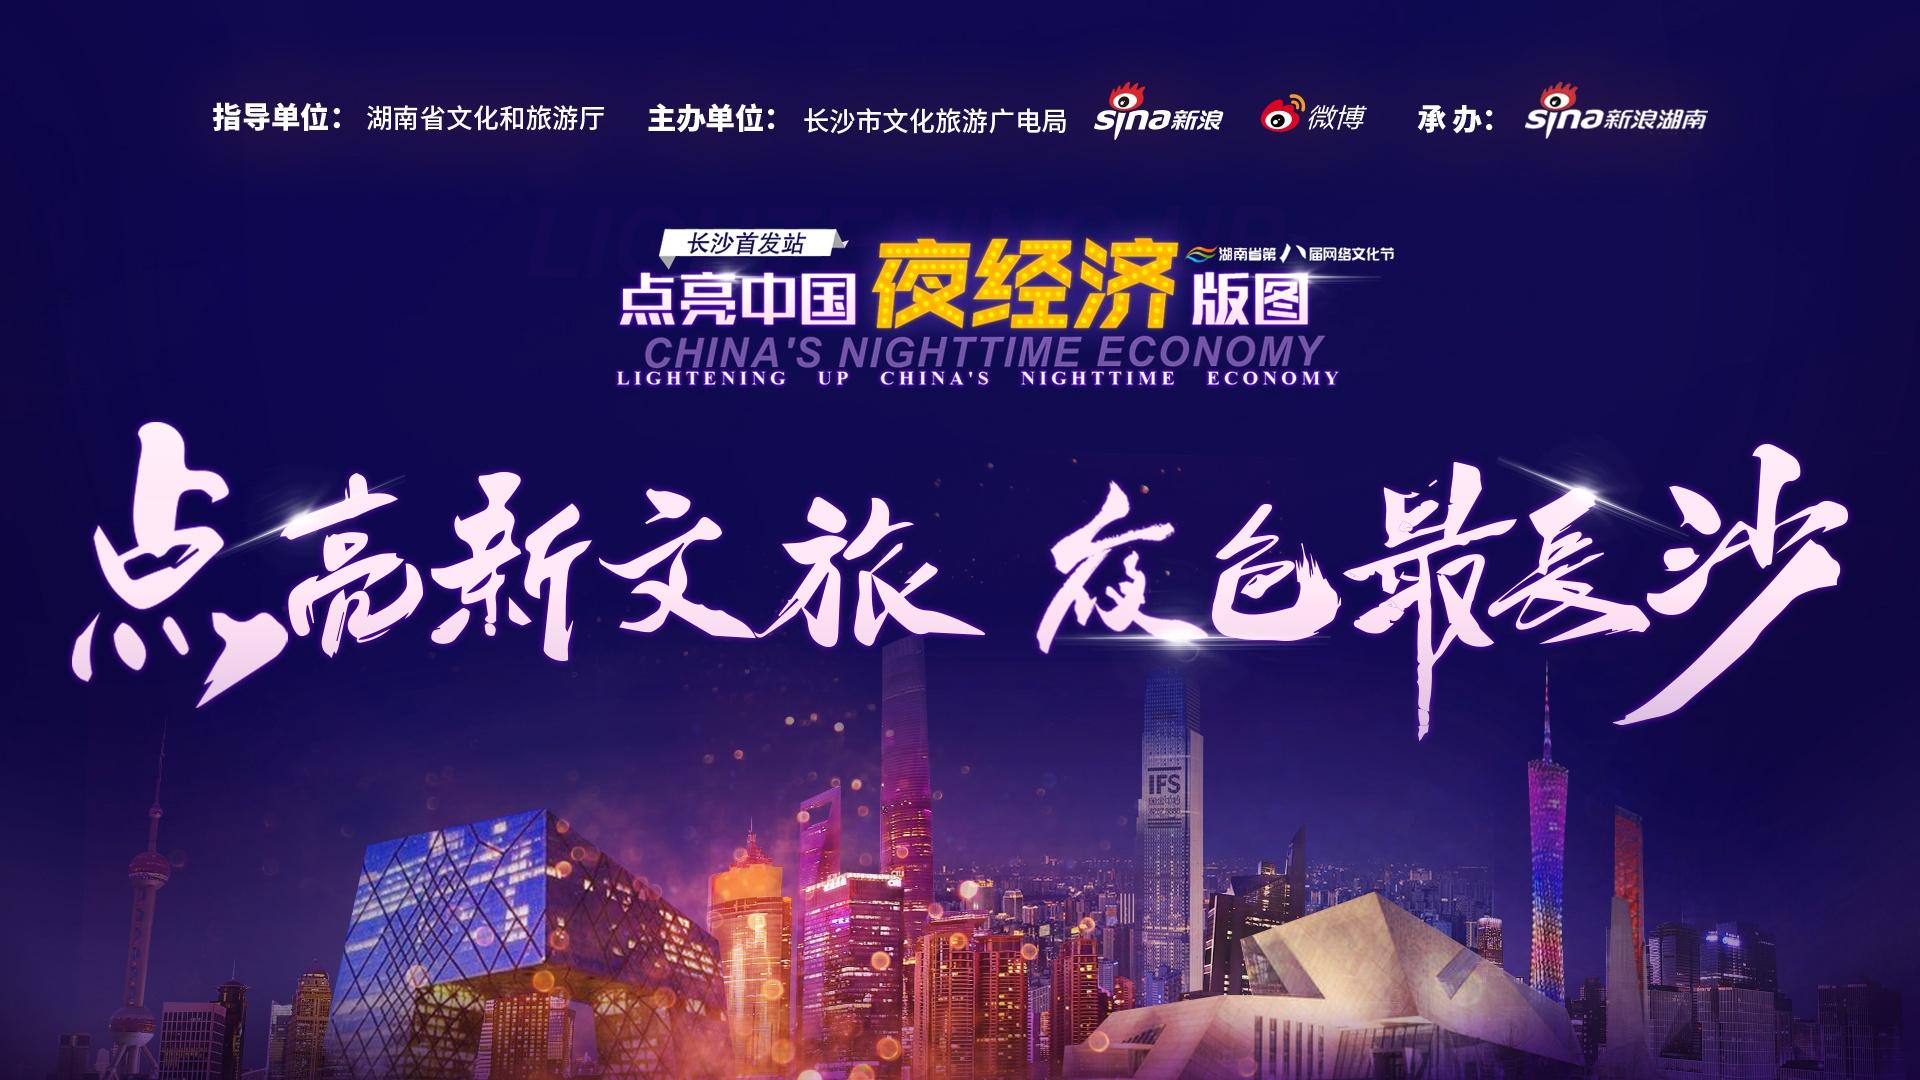 点亮中国夜经济版图:长沙首发站夜购直播